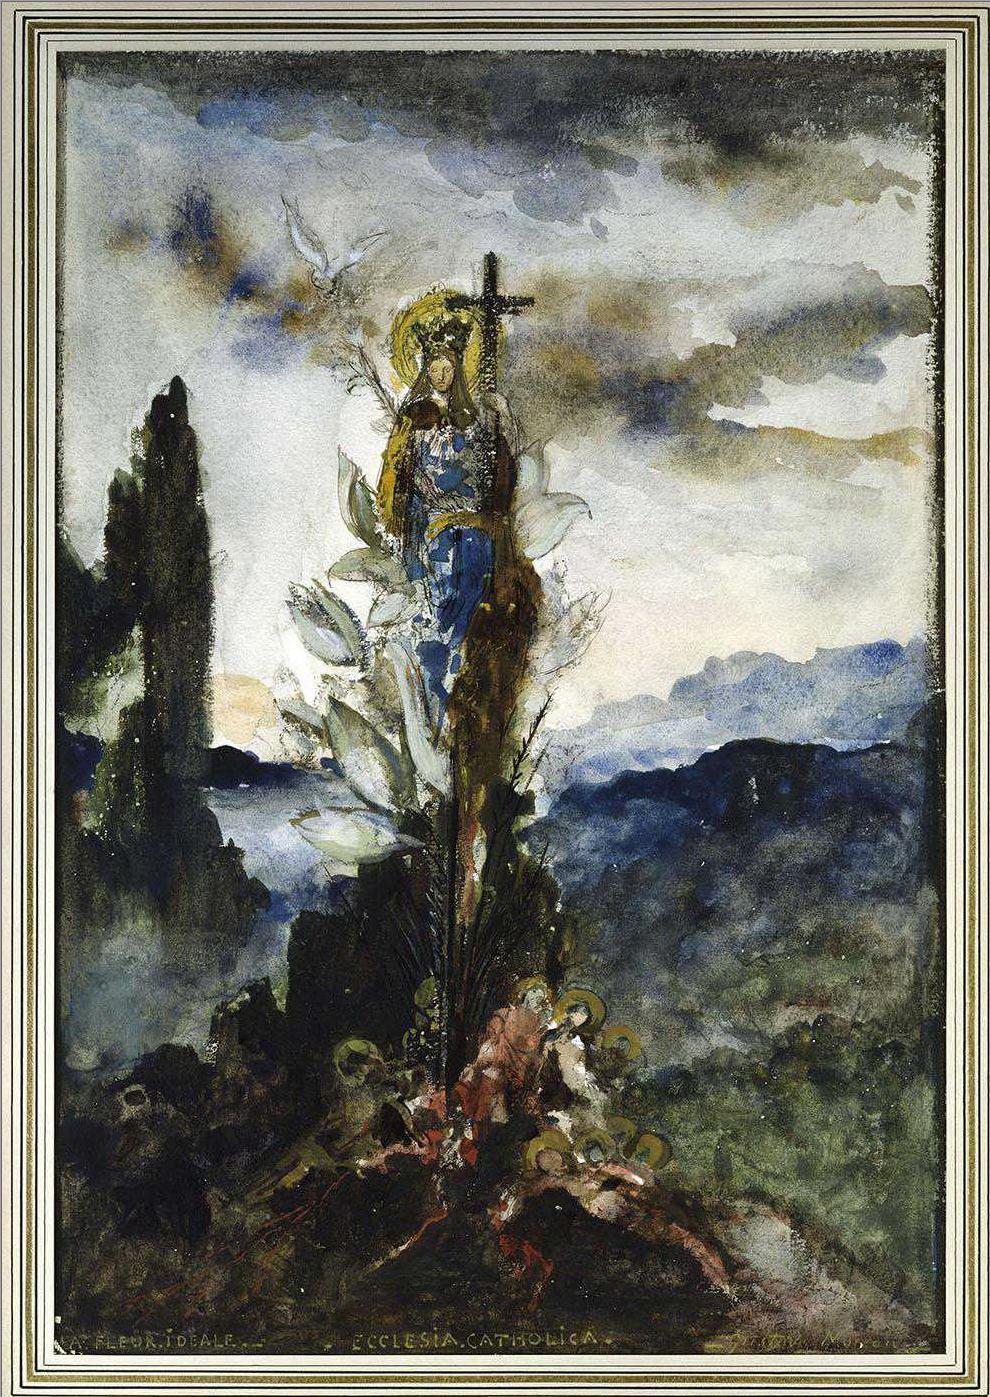 Мистический цветок (35.3 х 24 см) (акварель, гуашь и уголь) (Париж, музей Гюстава Моро)